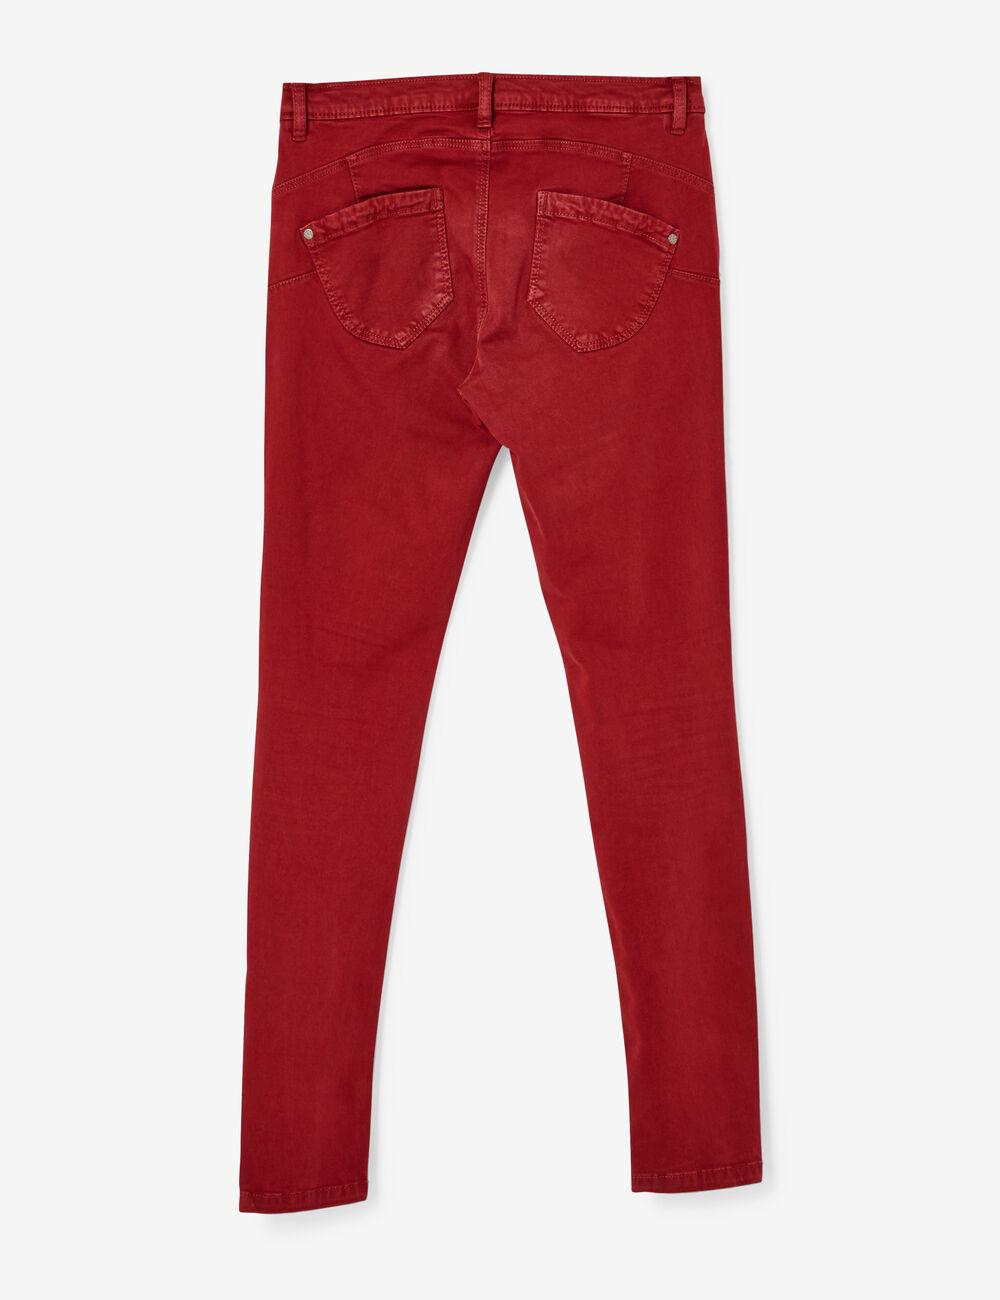 pantalon skinny push up rouge fonc femme jennyfer. Black Bedroom Furniture Sets. Home Design Ideas